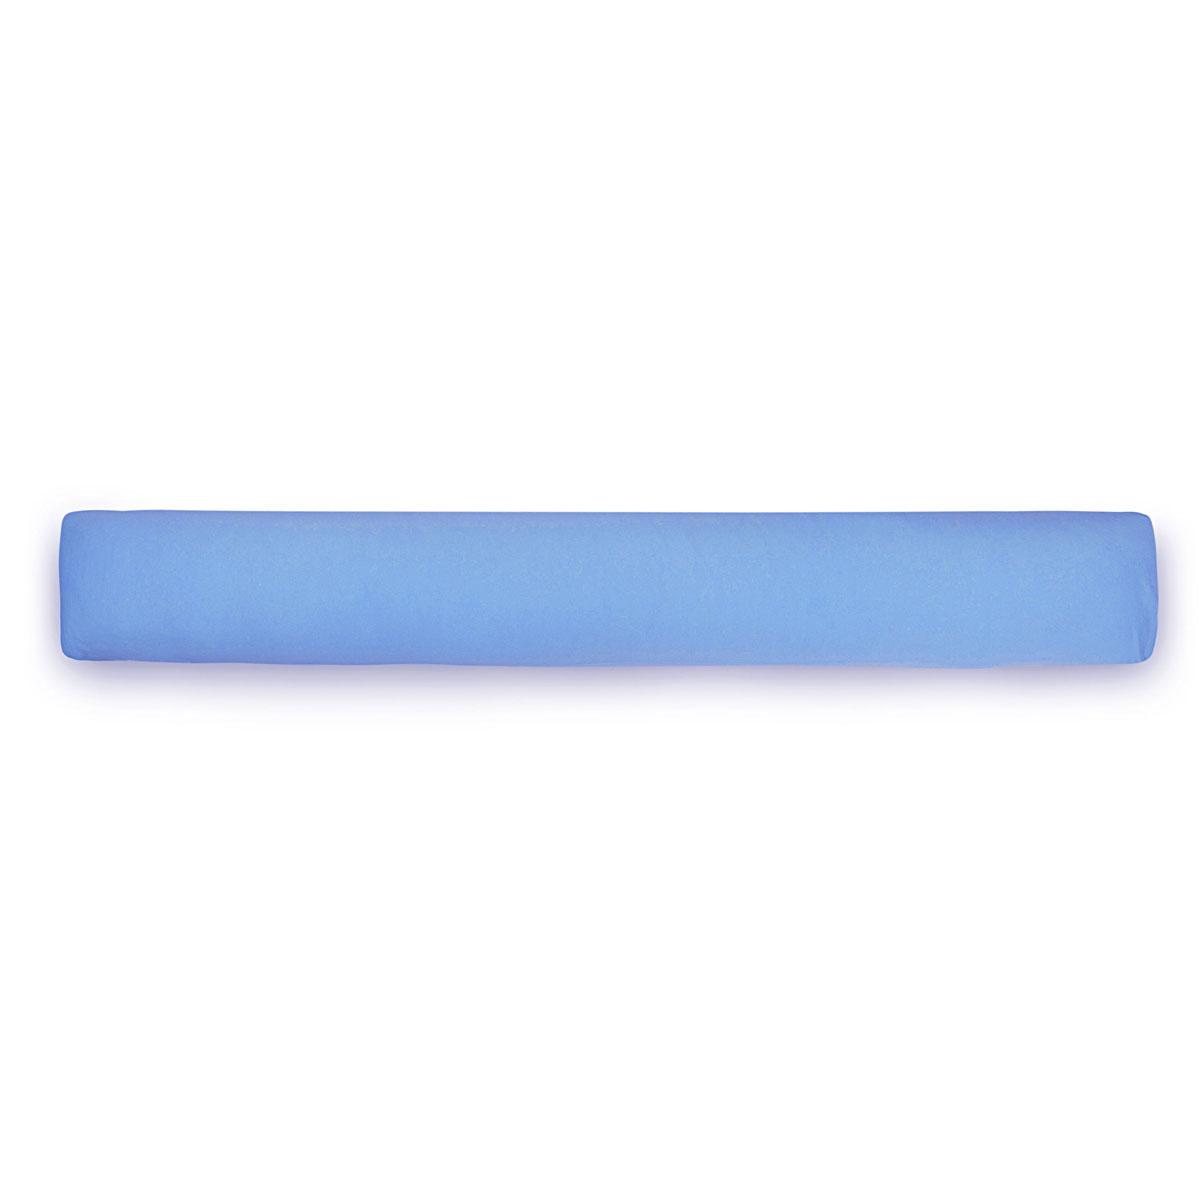 БИО-Подушка для всего тела I mini чехол цвет голубойIMINI3Био-подушка I mini- это длинная подушка-обнимашка. Она очень нравится детям и подросткам. Удобна как длинная подушка для изголовья кровати, подушка-позиционер, большая подушка-игрушка. Идеальна в качестве подарка для ребенка любого возраста и даже для взрослых. Это самый большой и оригинальный подарок, который можно купить за небольшие деньги.Мягкий наполнитель из тонкого полиэфирного волокна (микроволокно) гигиеничен и прост в уходе (машинная стирка). Подушка мягкая и комфортная, равномерно наполнена. Вы можете сгибать и скручивать подушку, чтобы принять удобную позу, потом подушка вернет свою первоначальную форму. Съемная наволочка из хлопкового трикотажа очень мягкая и приятная к телу. Она легко одевается и снимается благодаря эластичности, не мнется, не линяет. Материал подушки: микрофибра. Материал чехла: джерси (100% хлопок). Наполнитель: полиэфирное волокно.